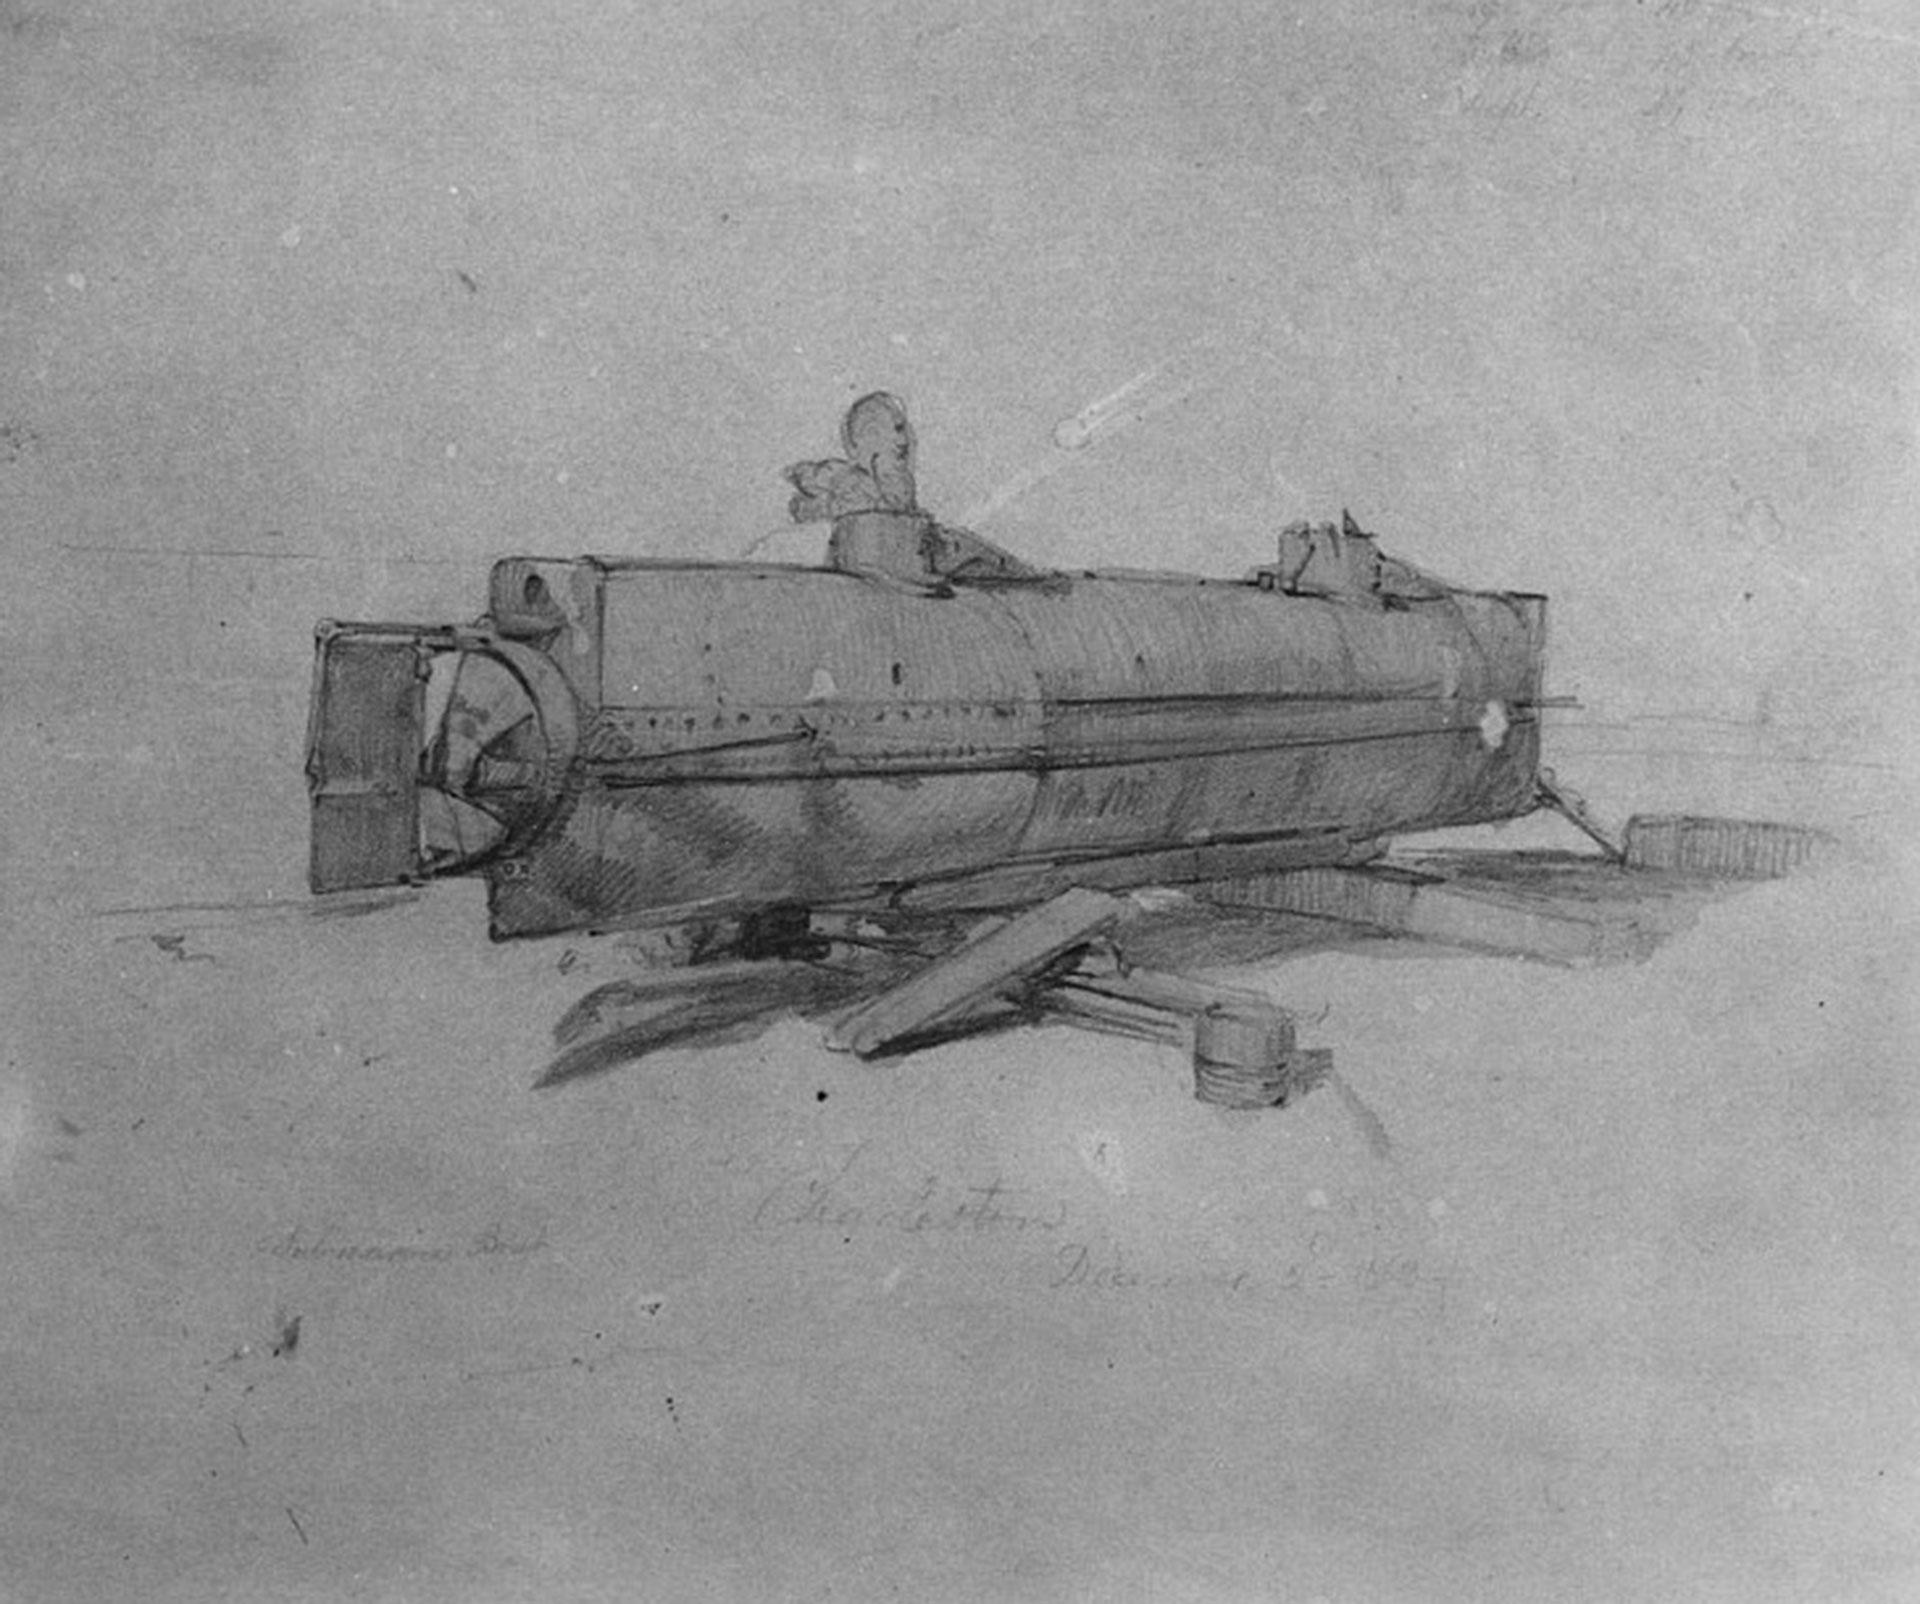 Un bosquejo utilizado en la construcción (Naval History and Heritage Command)